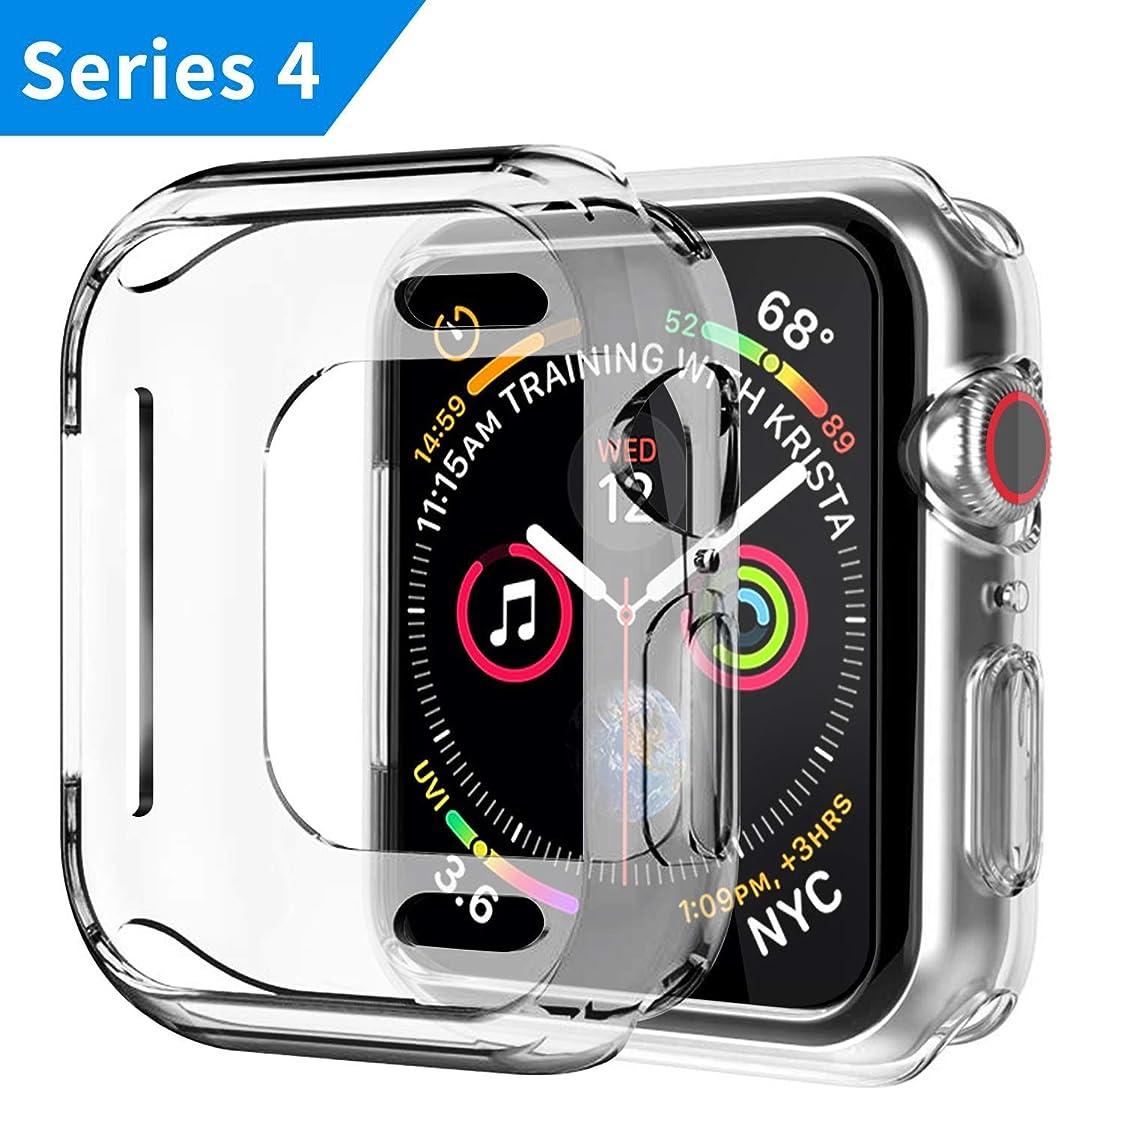 不規則な落ち込んでいる対立Apple Watch Series 4 ケース 44mm Apple Watch Series 4 カバー 44mm クリスタル クリア 透明 TPU素材 落下防止&衝撃吸収 擦り傷防止 薄&柔軟型 軽量